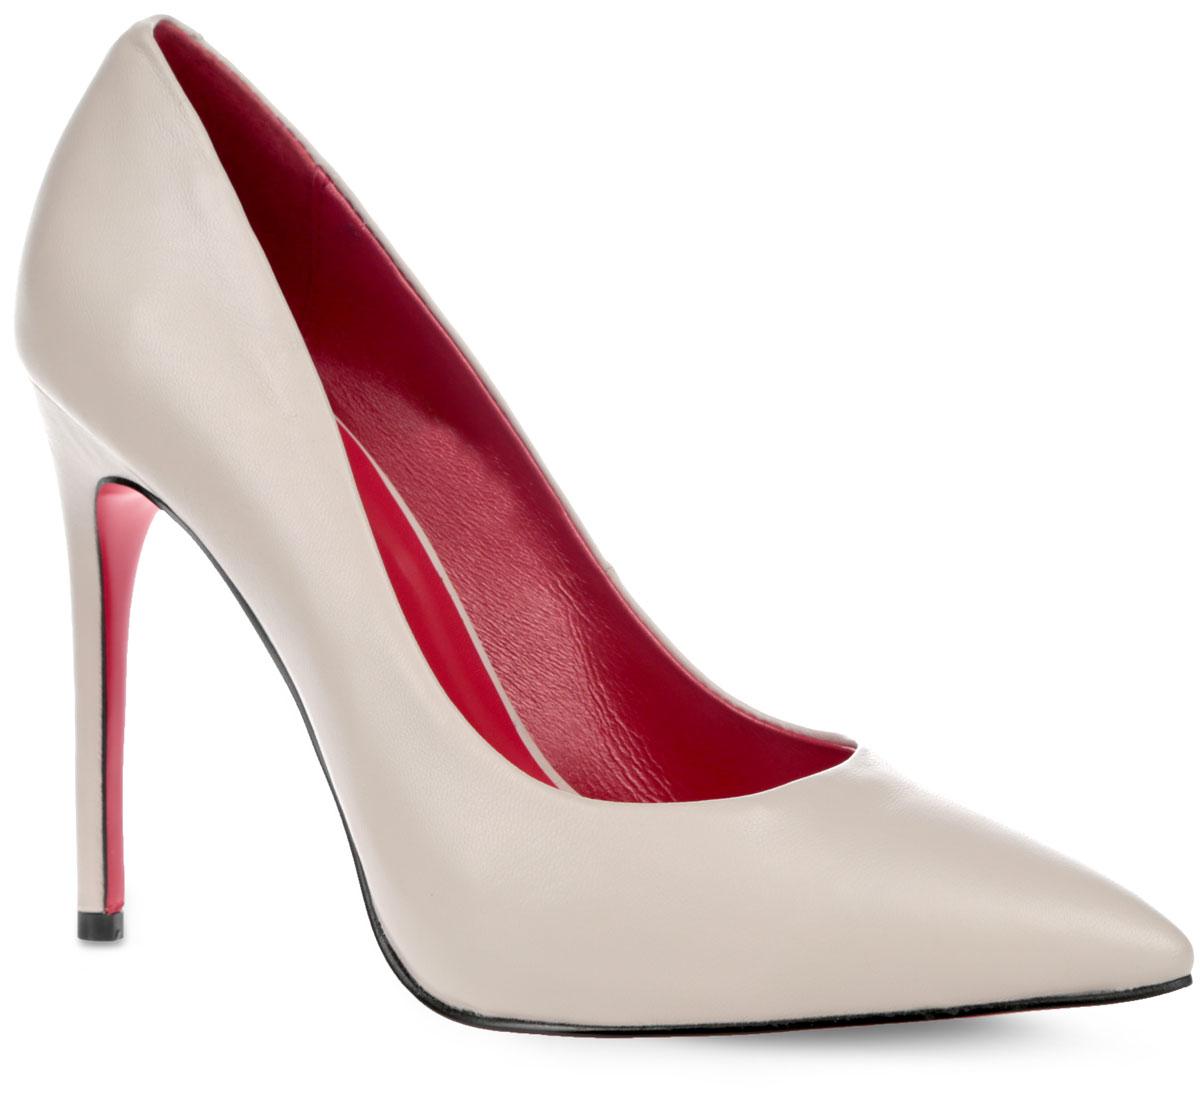 Туфли женские. F1359-5F1359-5AИзысканные женские туфли от Winzor поразят вас своим дизайном! Модель выполнена из натуральной гладкой кожи и исполнена в лаконичном стиле. Подкладка и стелька - из натуральной кожи контрастного цвета, позволят ногам дышать и обеспечат максимальный комфорт при ходьбе. Зауженный носок добавит женственности в ваш образ. Ультравысокий каблук-шпилька компенсирован скрытой платформой. Подошва из полимерного термопластичного материала с рифленым протектором не скользит. Изысканные туфли добавят в ваш образ немного шарма и подчеркнут ваш безупречный вкус.